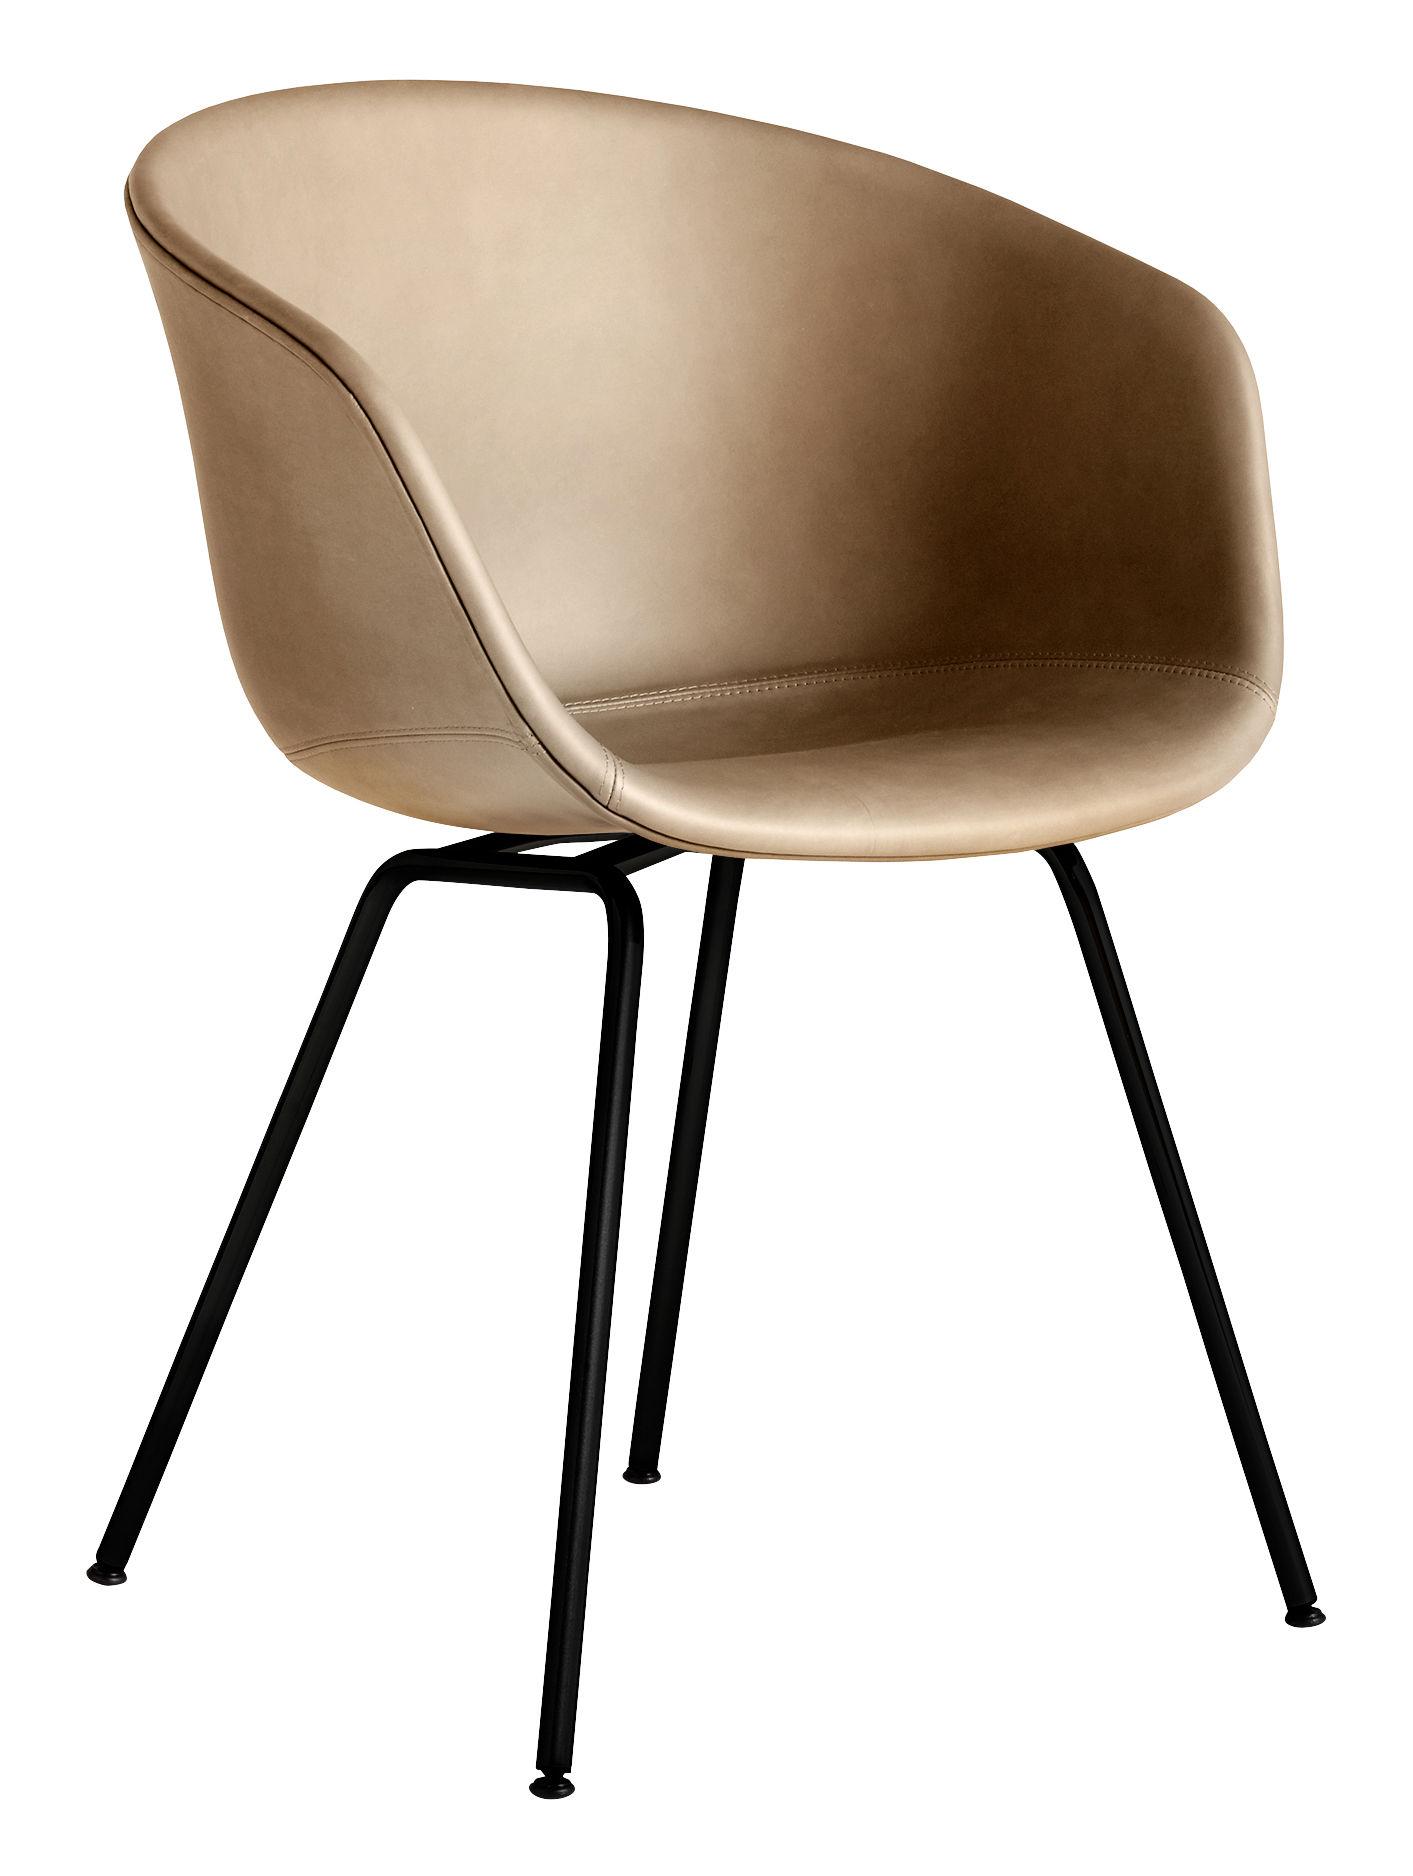 Möbel - Stühle  - About a chair AAC27 Gepolsterter Sessel / Ganz mit Leder & Metall - Hay - Nougat (Silk 0258) / Schwarz - Cuir Silk, Polypropylen, Schaumstoff, thermolackierter Stahl